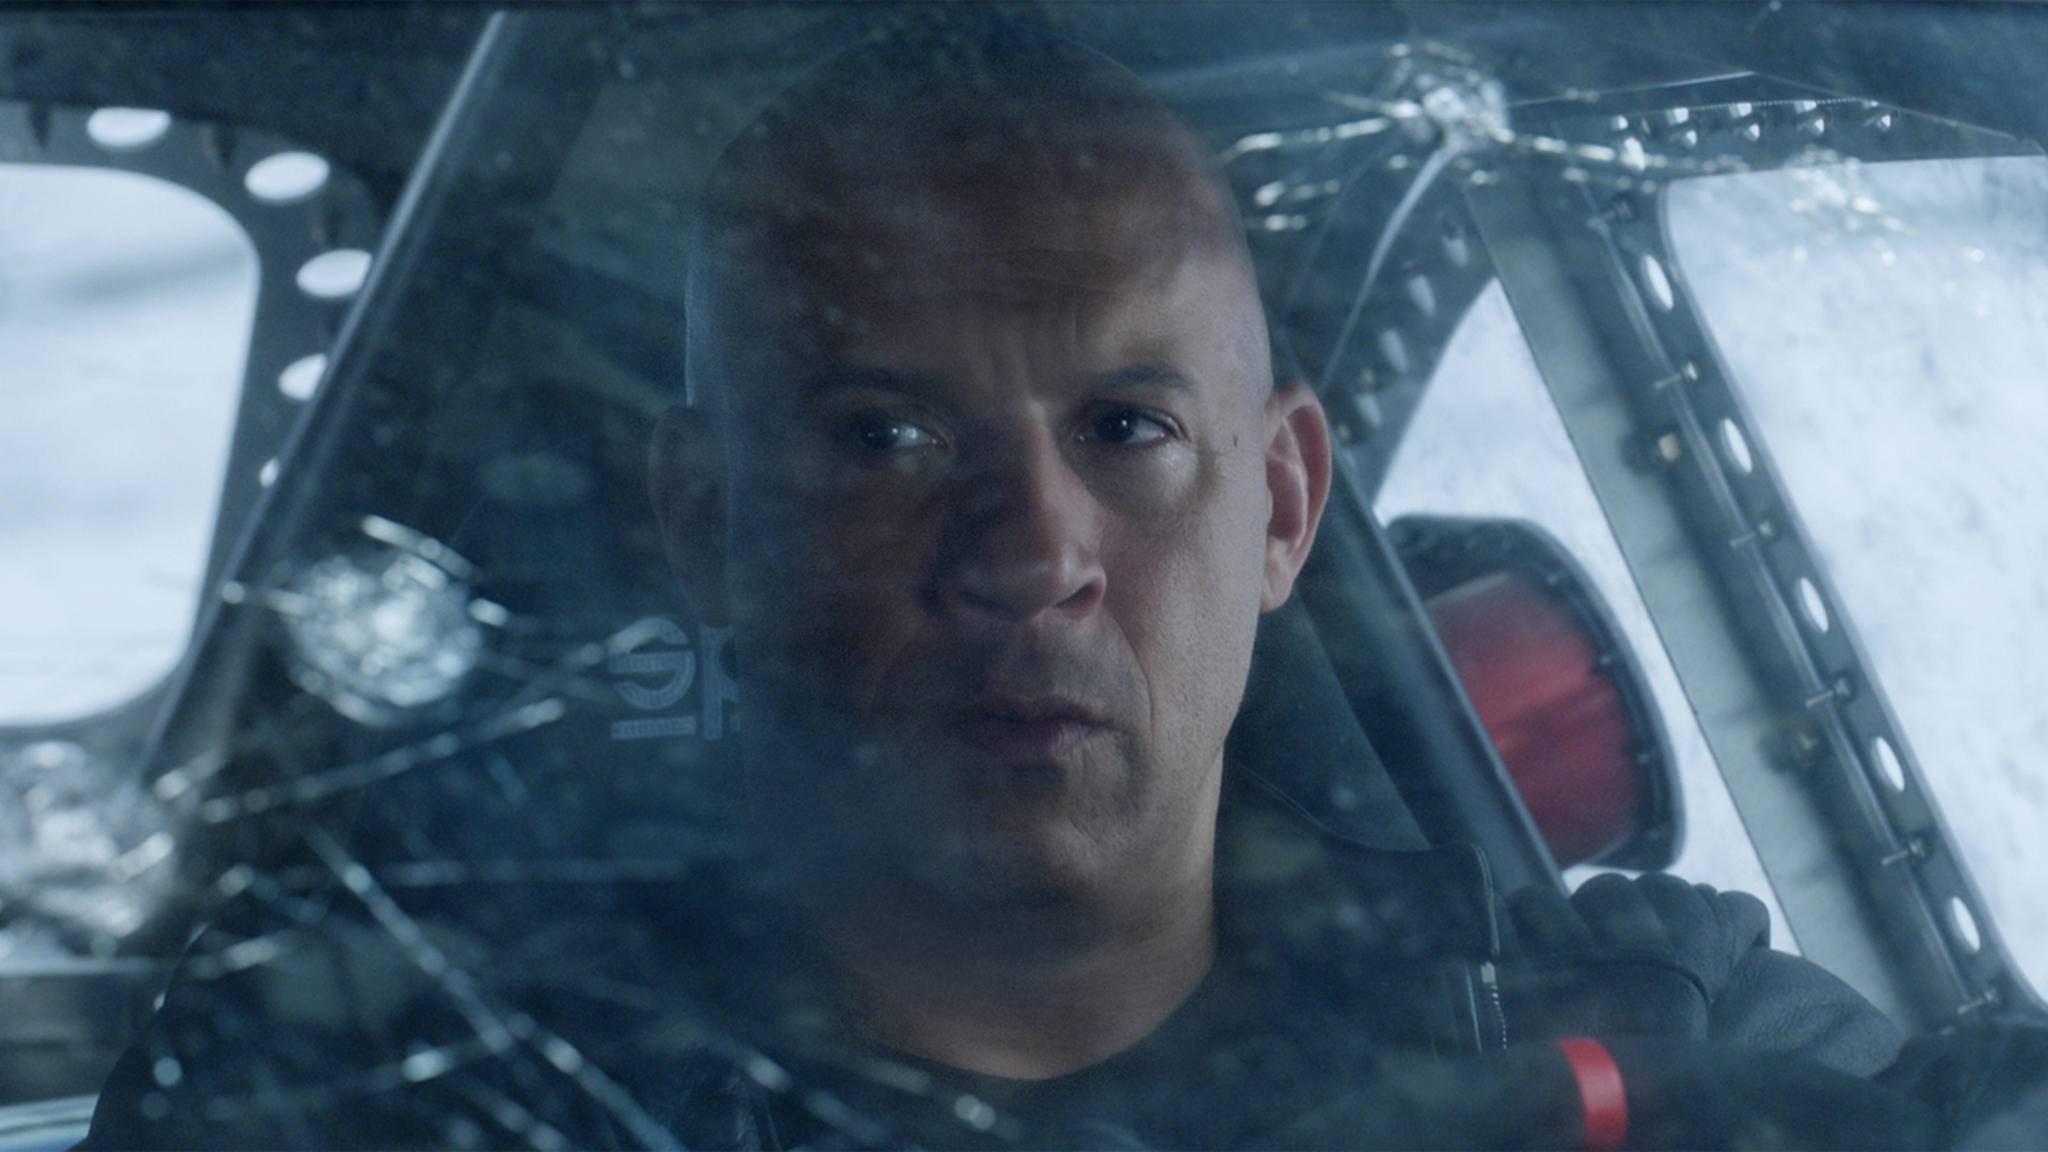 """Schon wieder ein prominenter Neuzugang: Vin Diesel lässt immer mehr Stars ins """"Fast & Furious""""-Franchise einsteigen."""